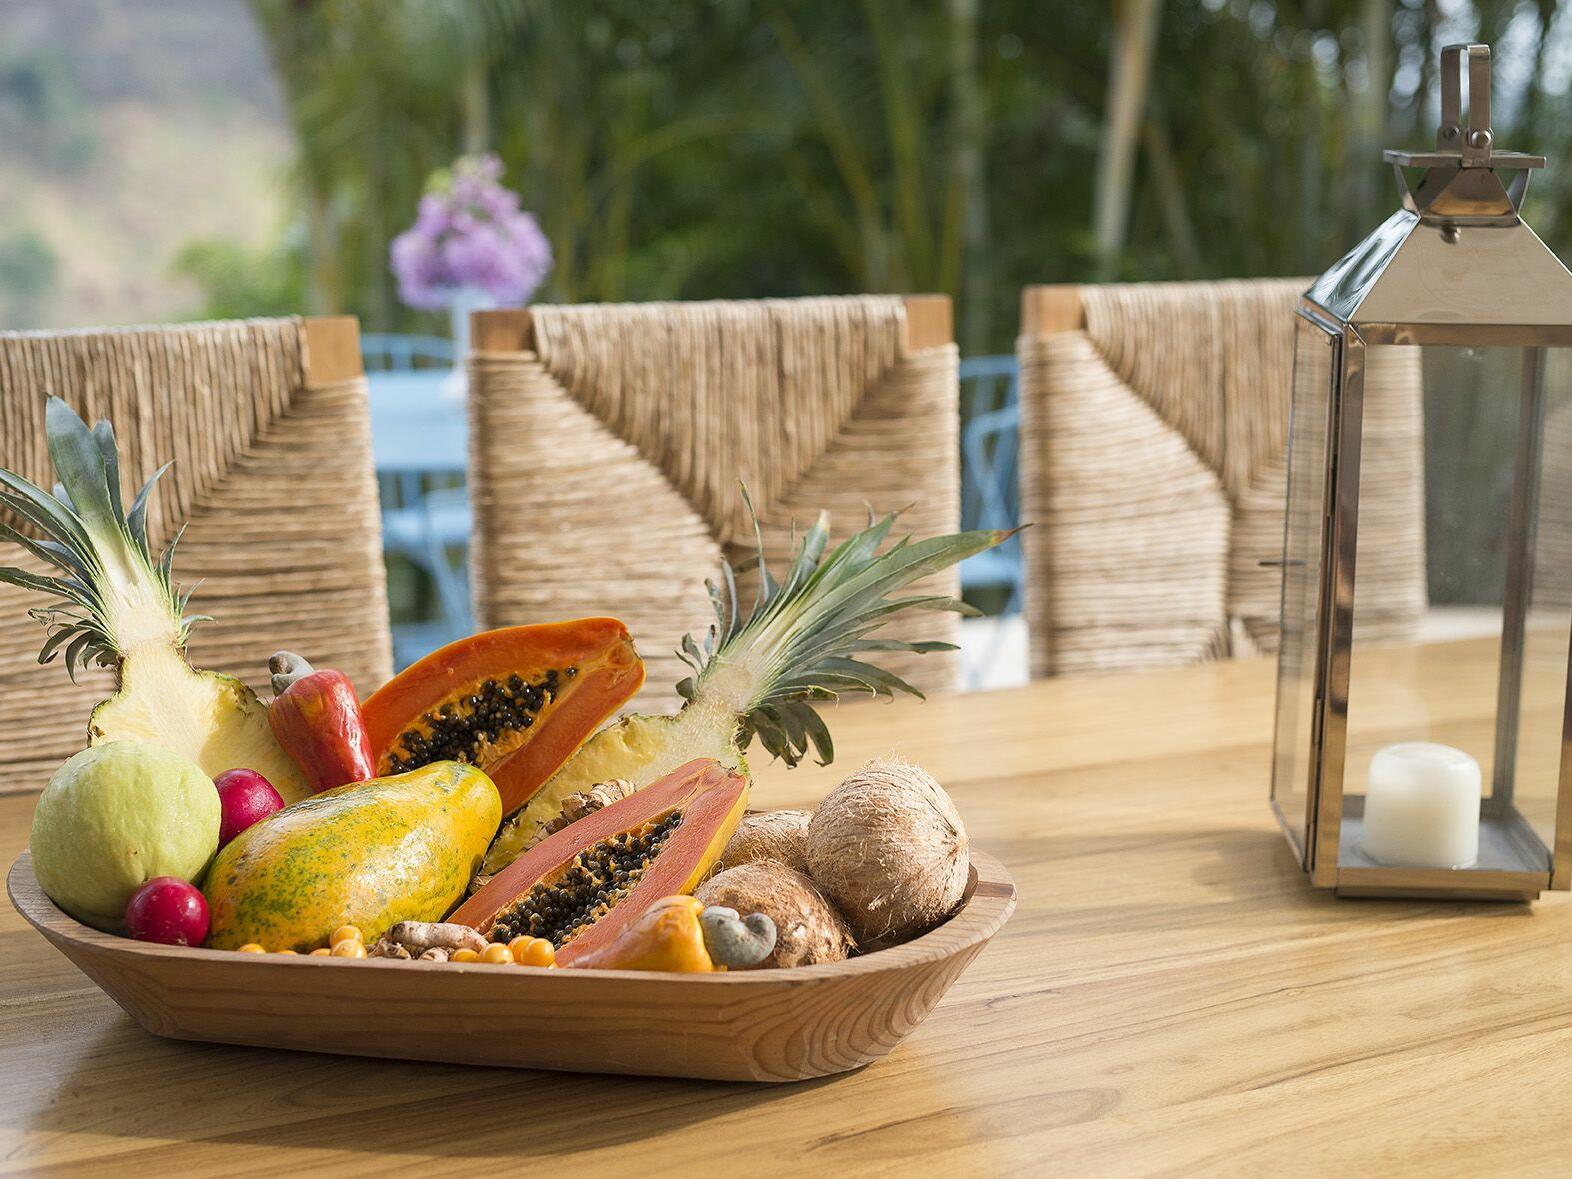 mesa con platon de frutas y area verde al fondo